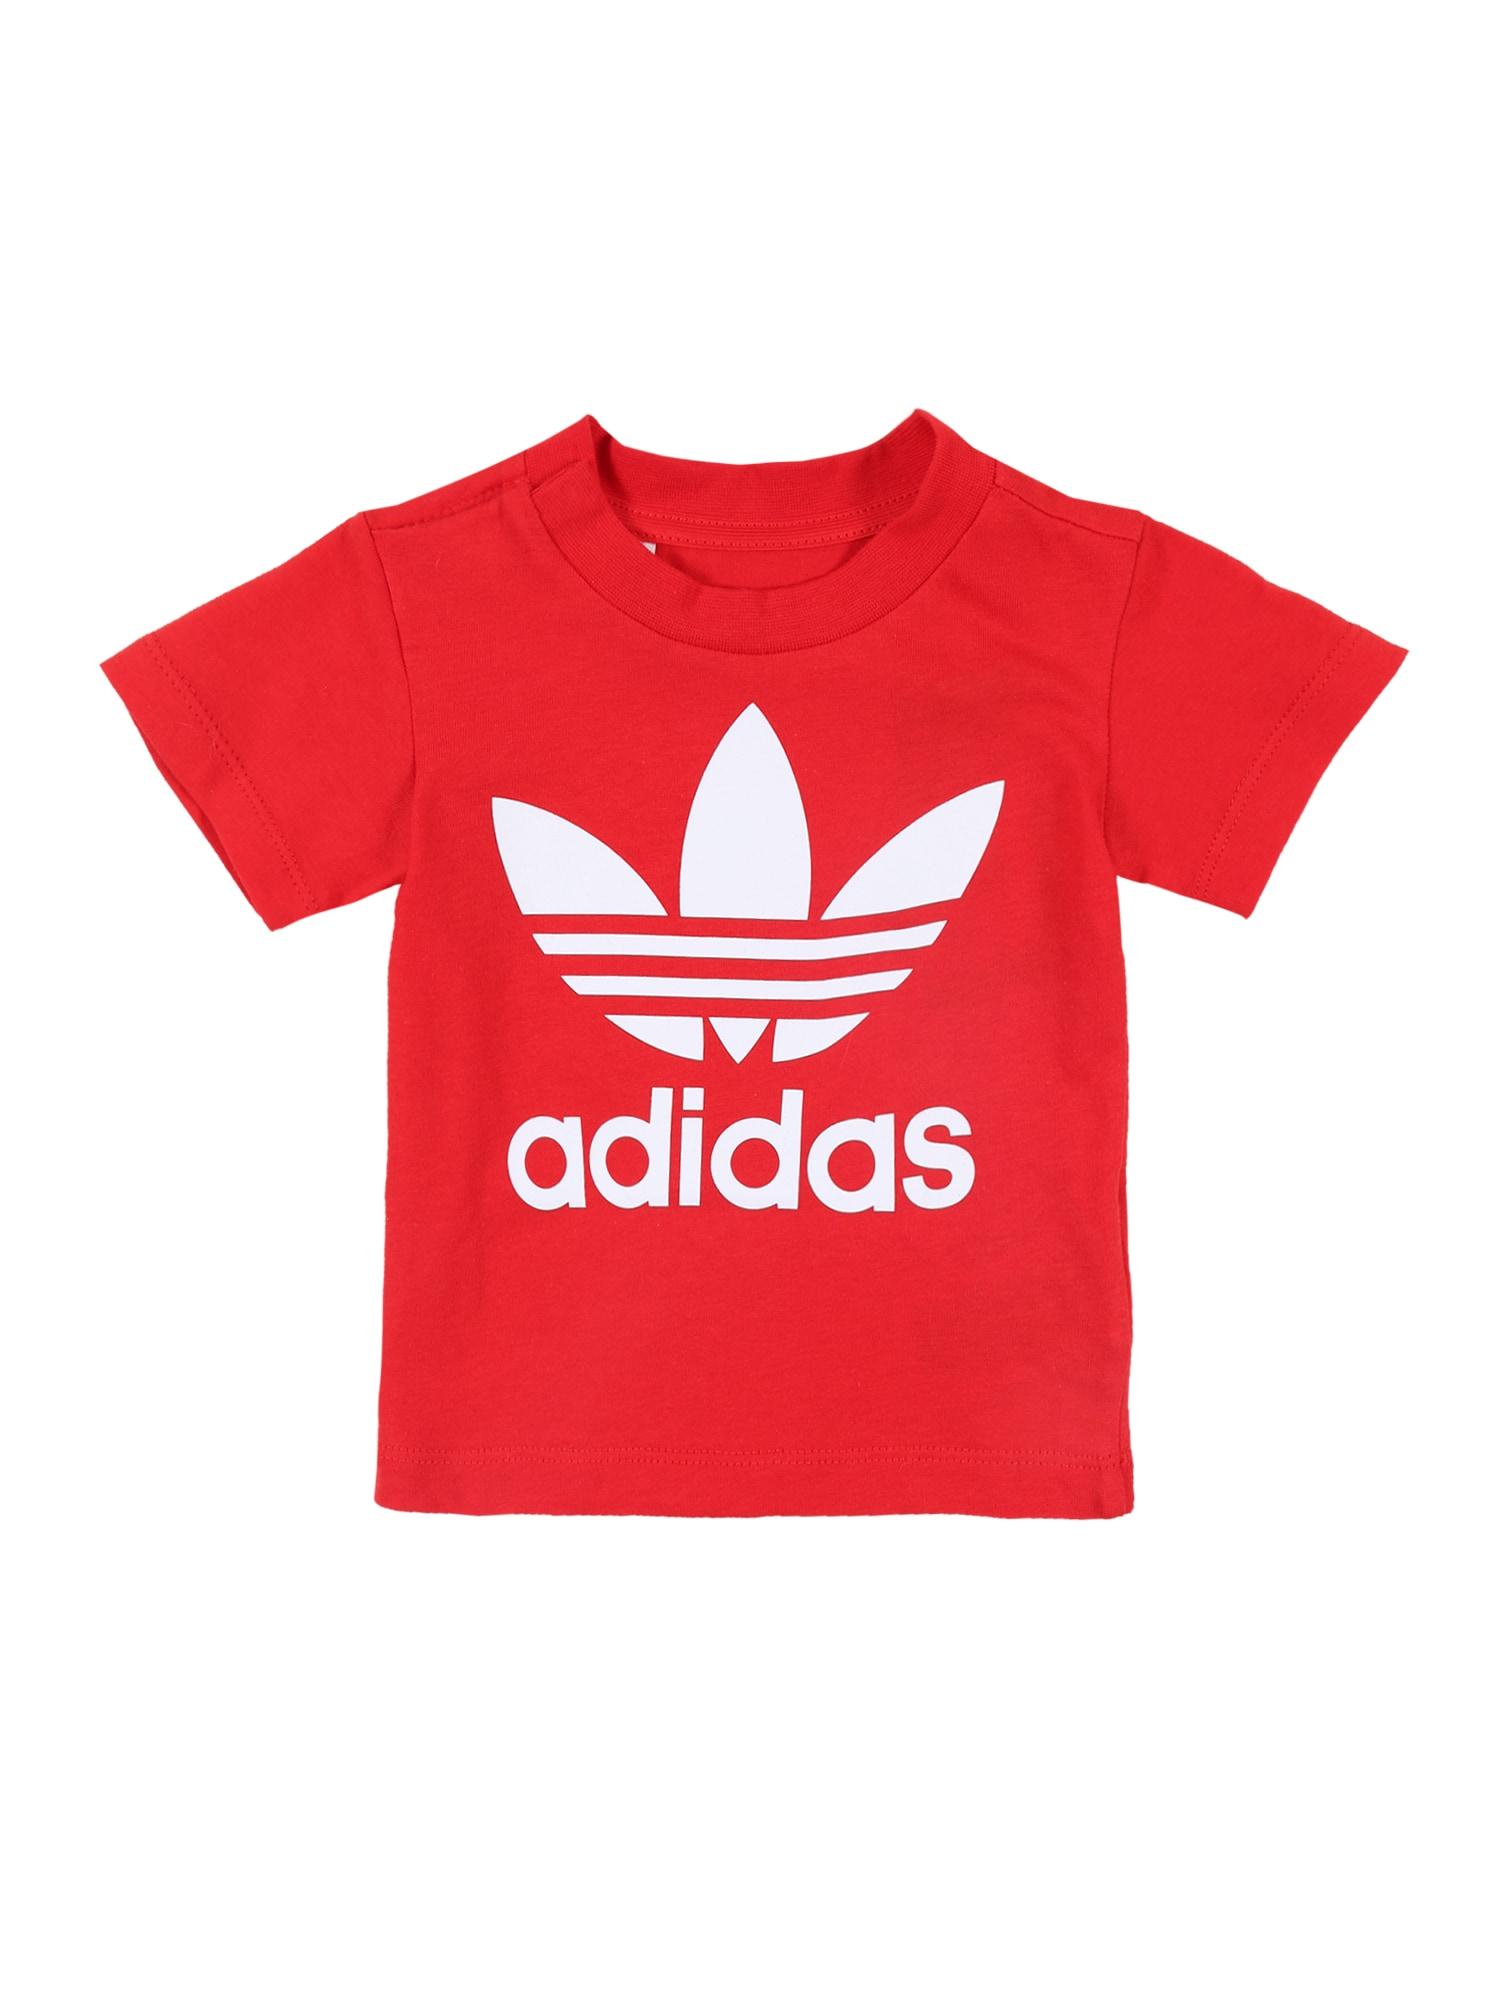 ADIDAS ORIGINALS Marškinėliai 'TREFOIL' raudona / balta